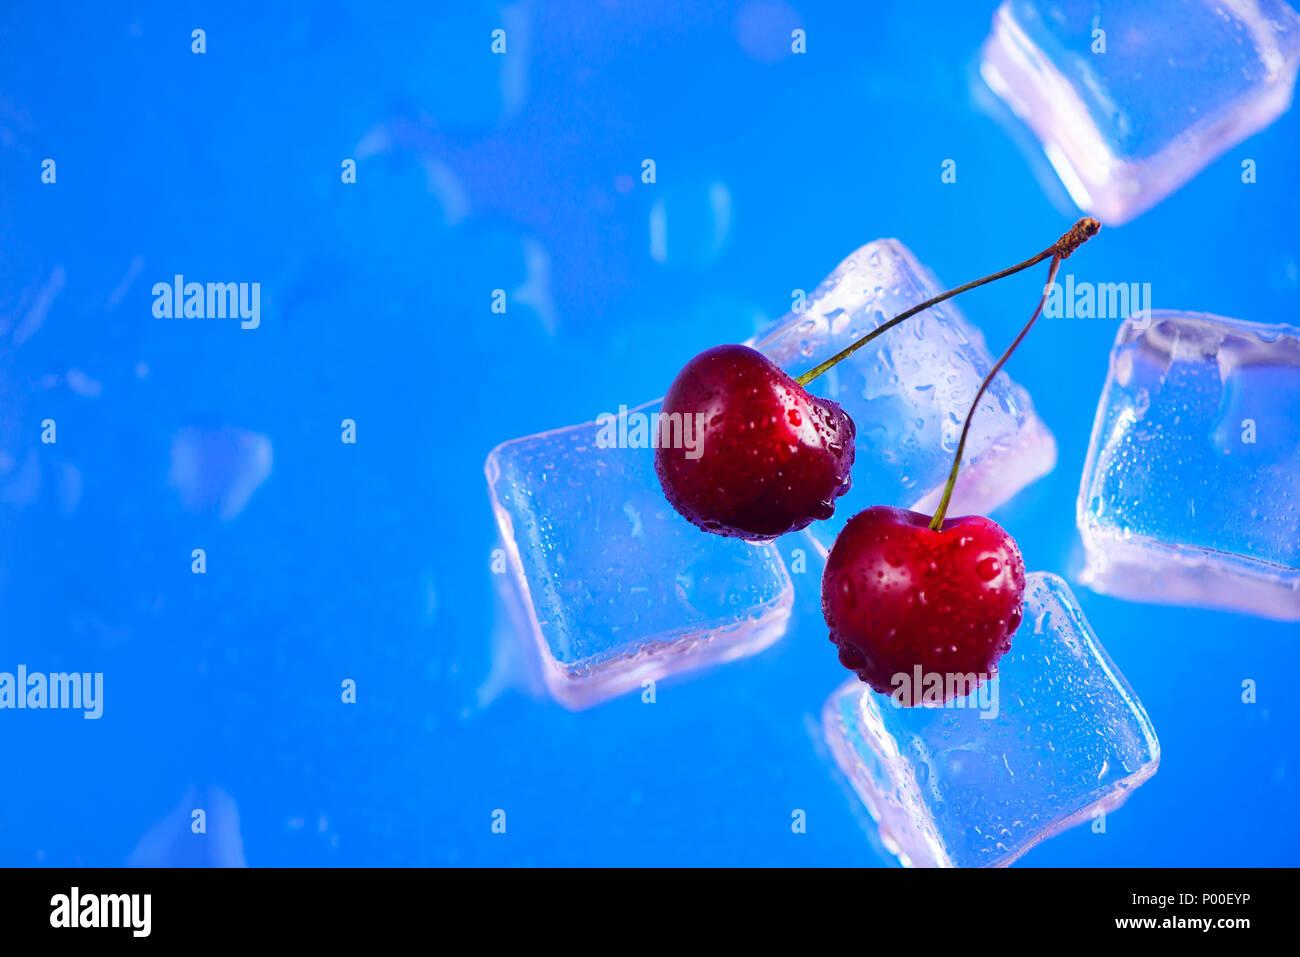 Le ciliege fresche su una pila di cubetti di ghiaccio di close-up su un brillante sfondo blu. Rinfrescante bevanda estiva concetto con spazio di copia Immagini Stock